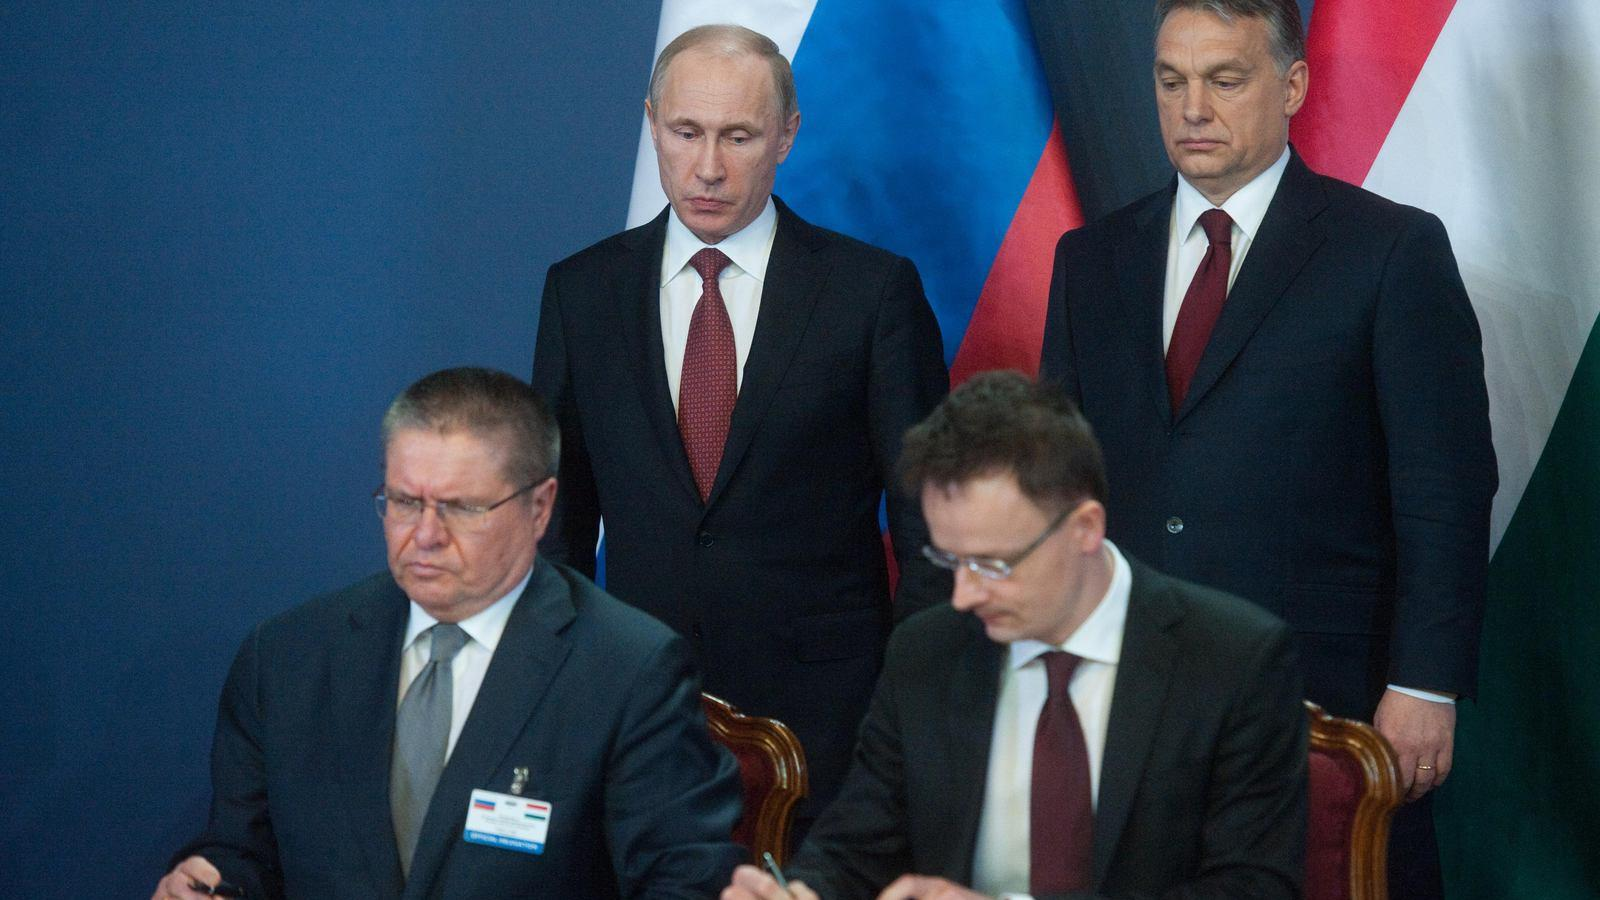 Putyin ördögi szövetséget sző - a Nyugat egyszer már hibázott